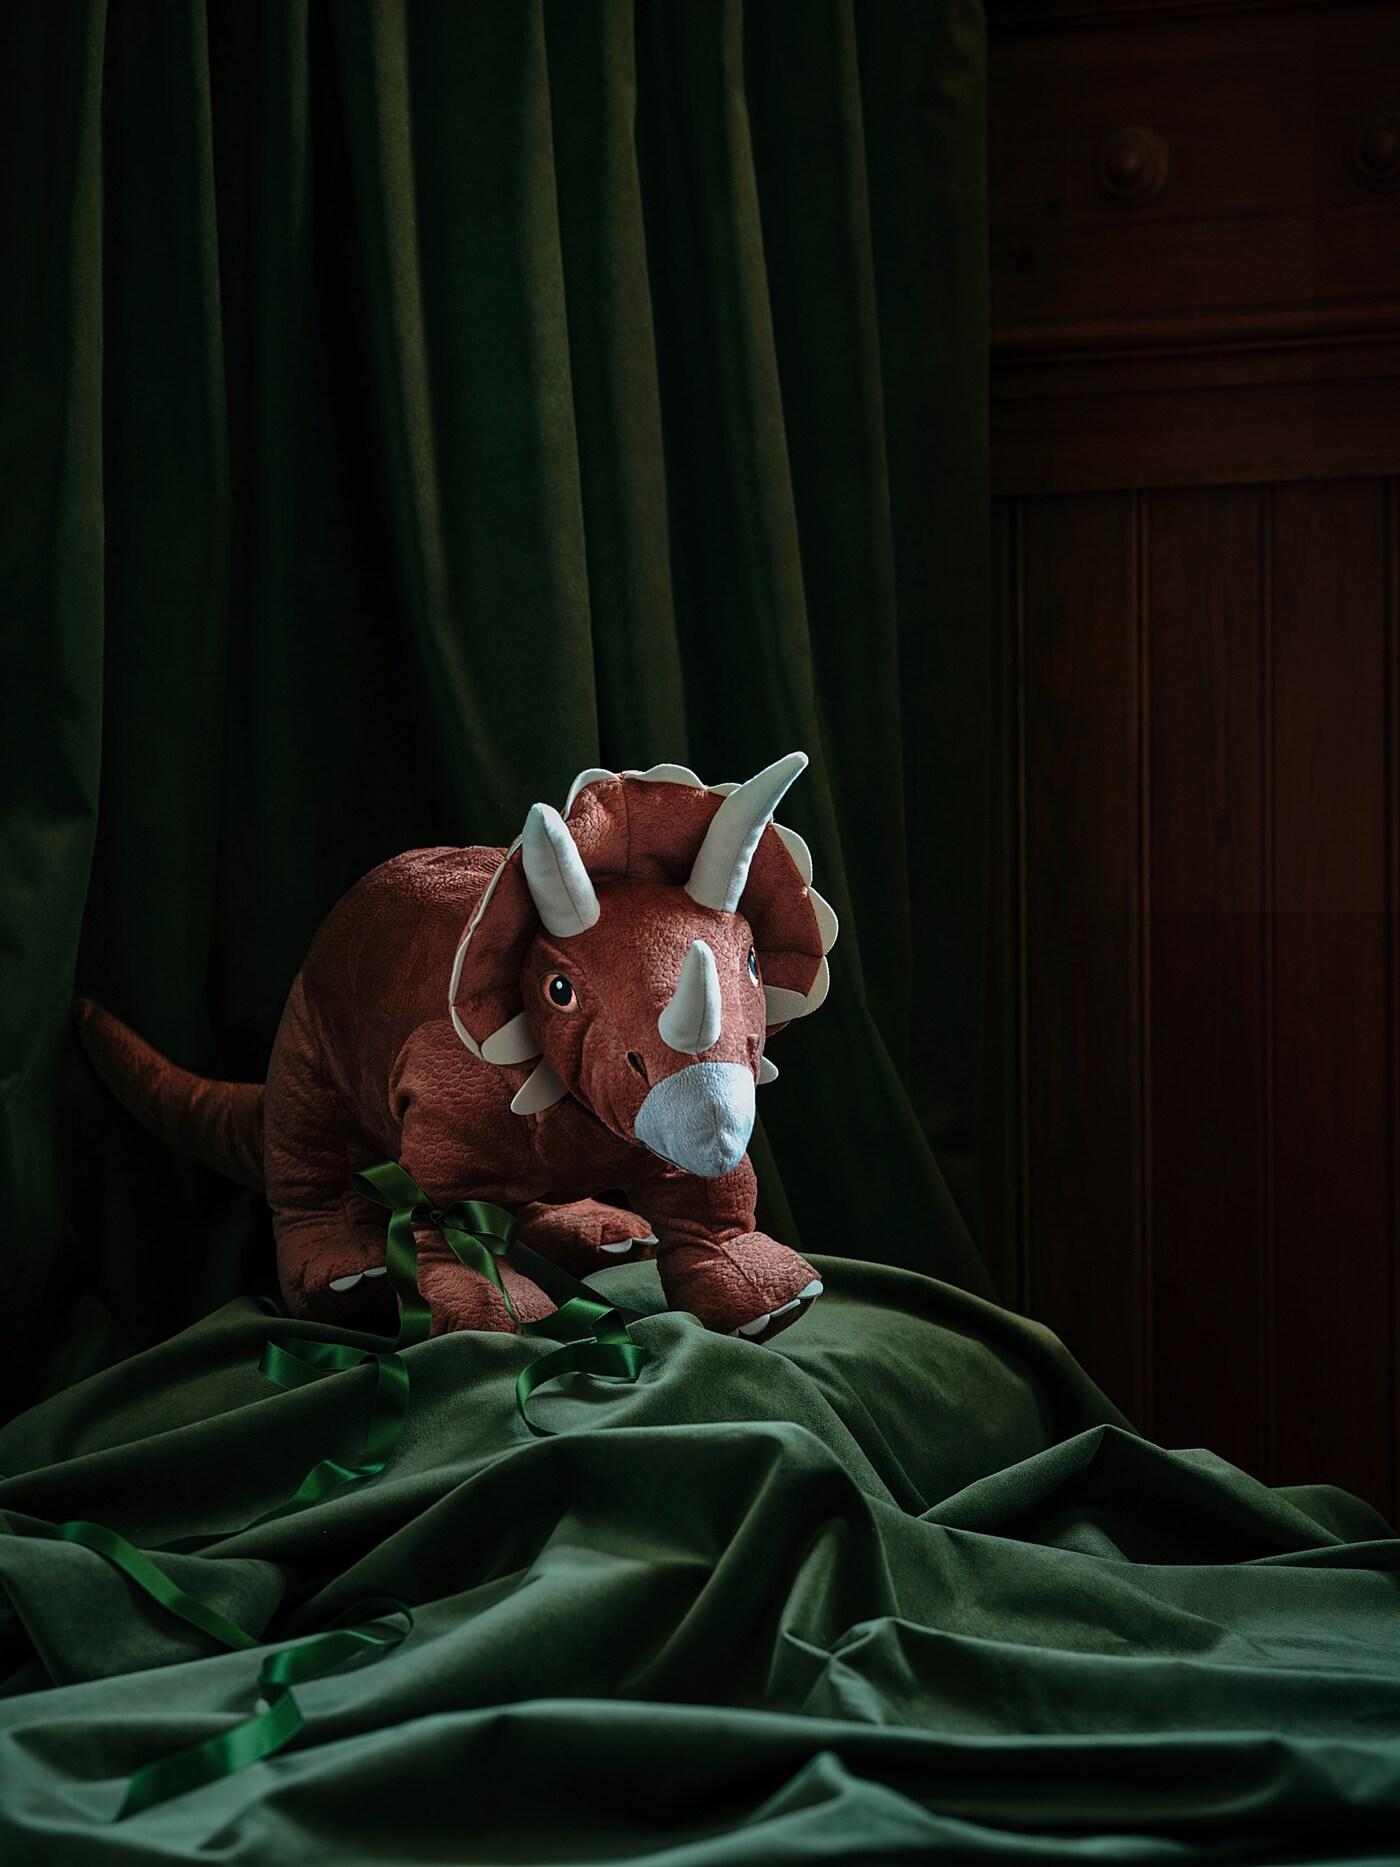 JÄTTELIK Plišana igračka, dinosaur/Triceratops, 69 cm